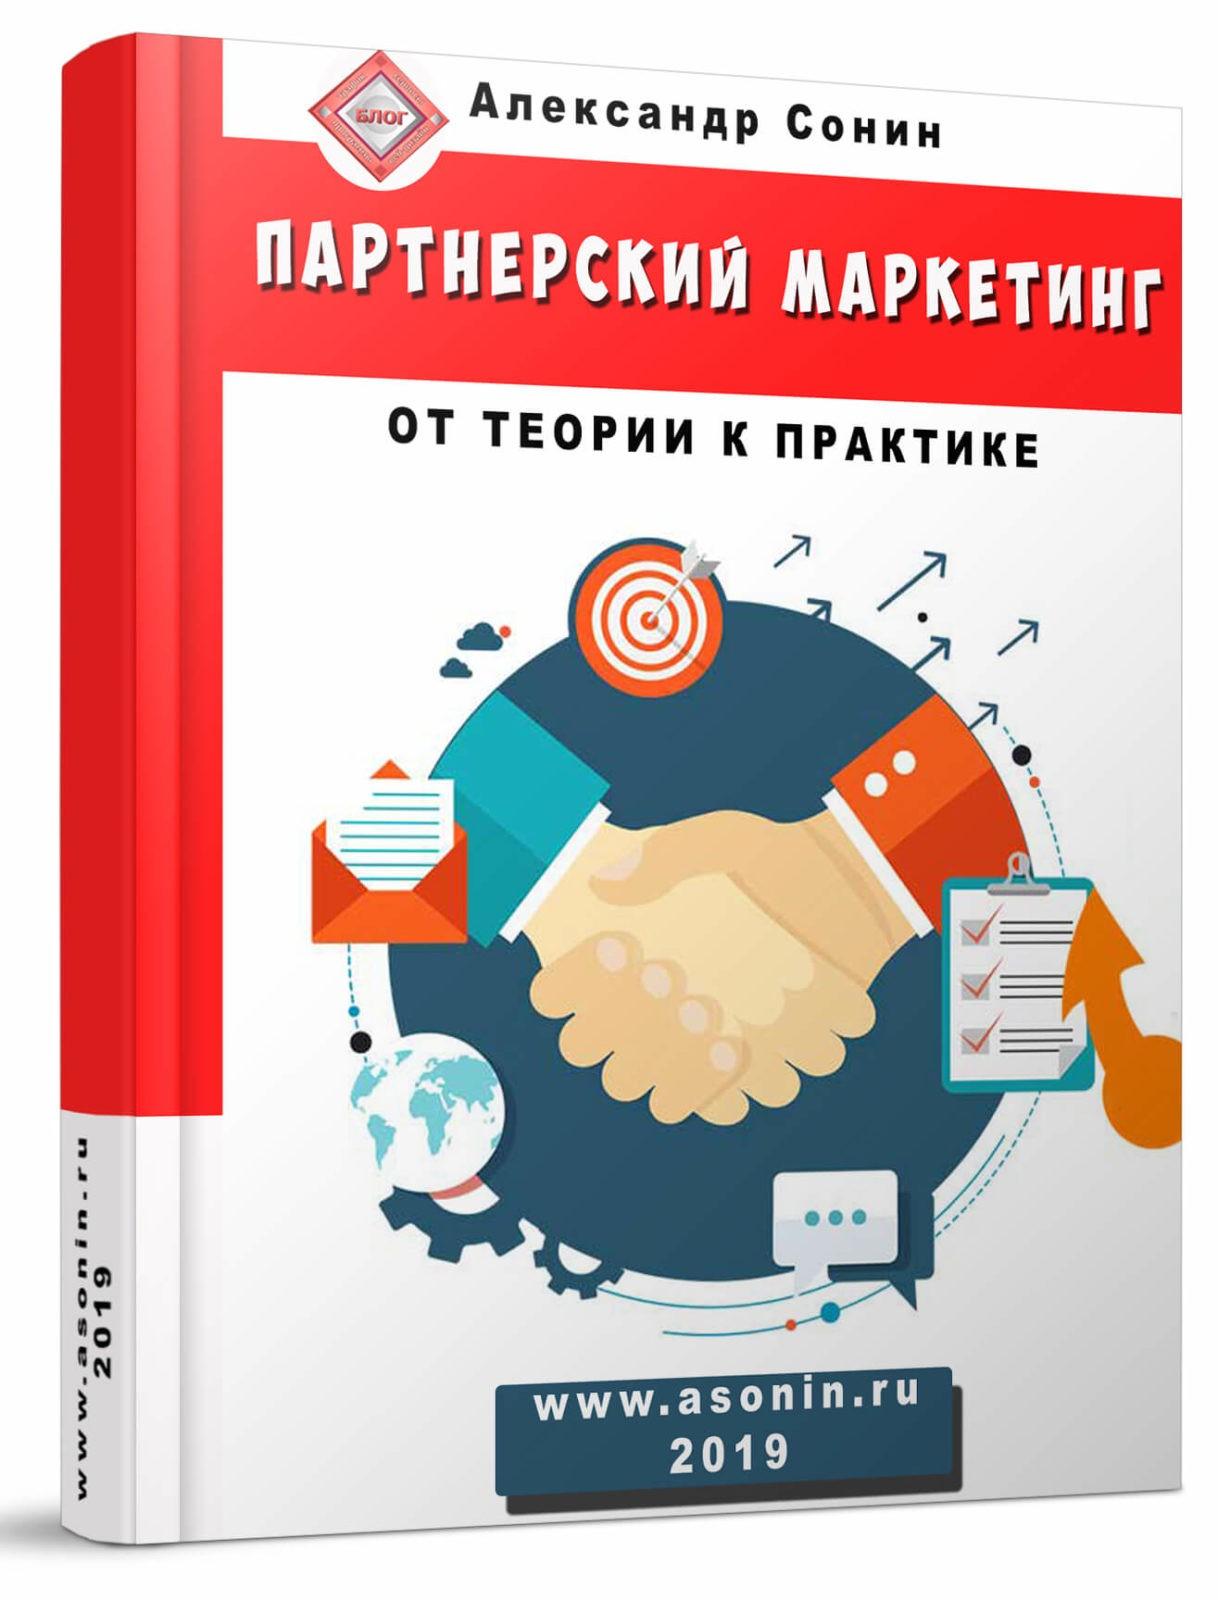 Блог Александра Сонина: всё о заработке на сайте и партнерских программах